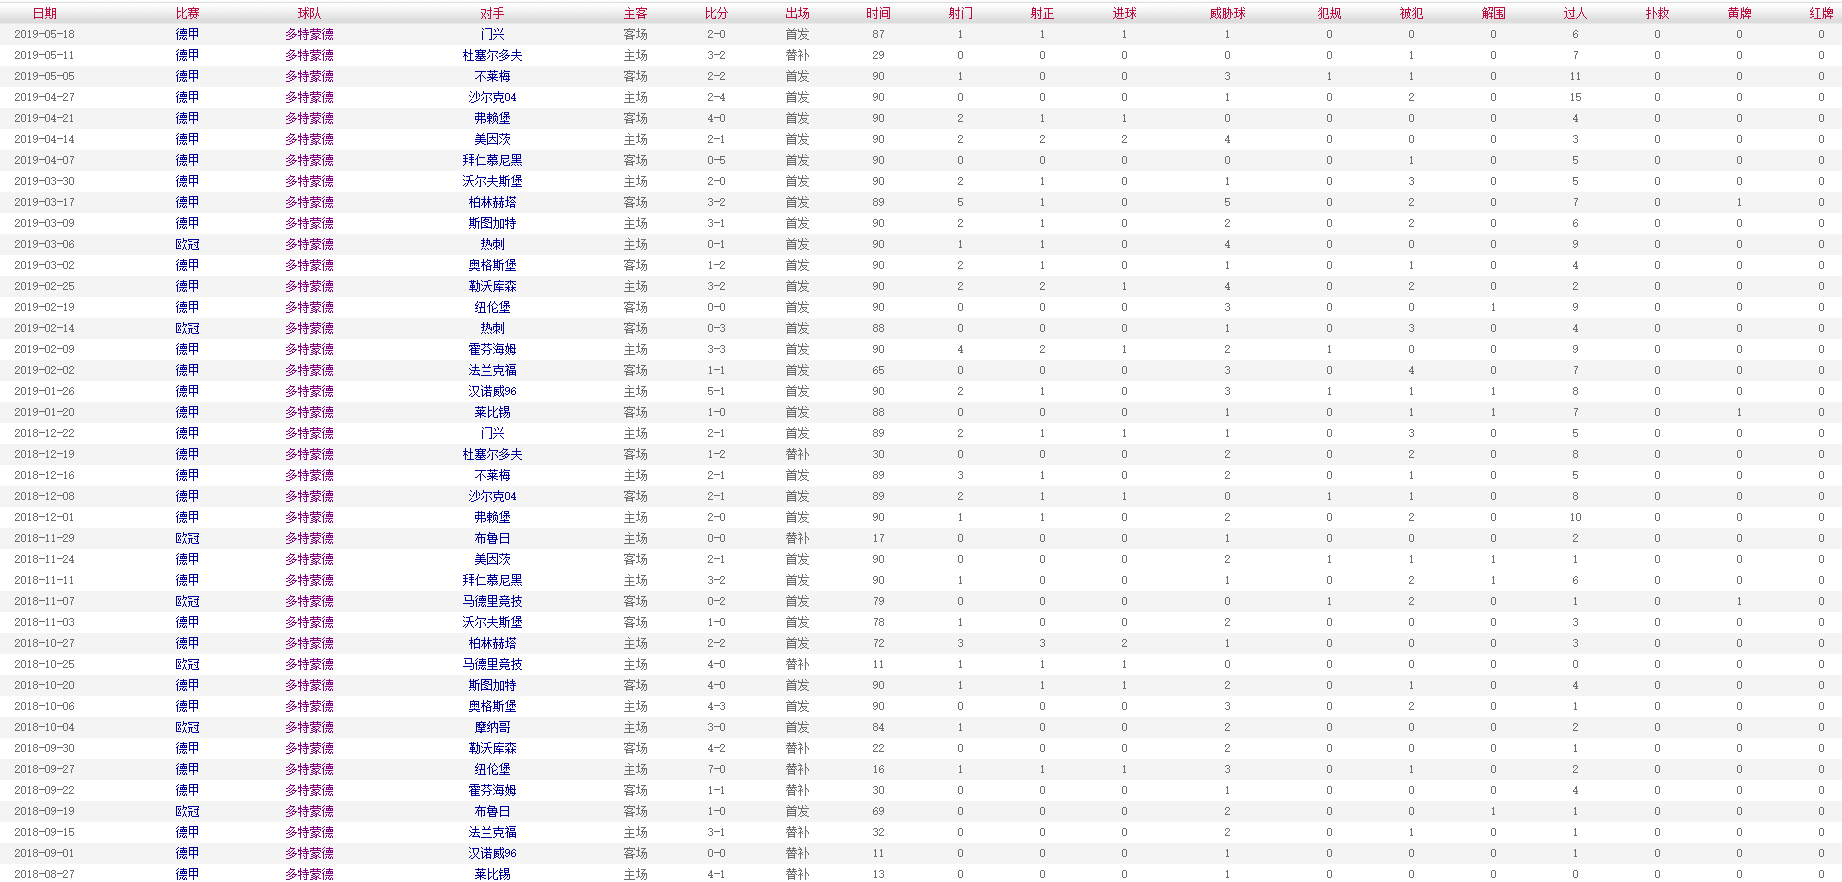 桑乔 2018-2019赛季比赛数据